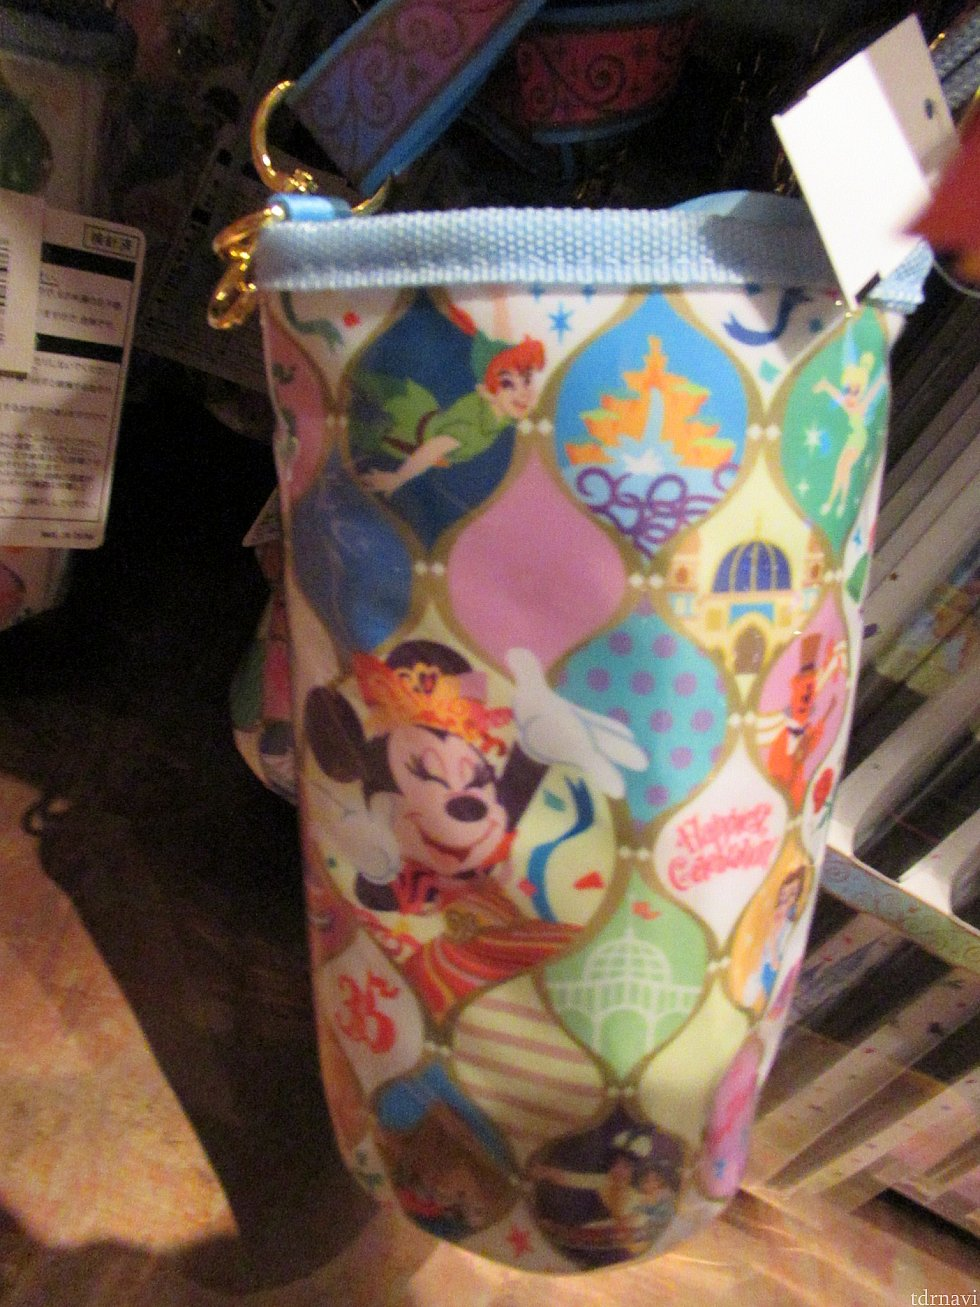 ペットボトルホルダー 1500円 これさ、可愛いです❤️